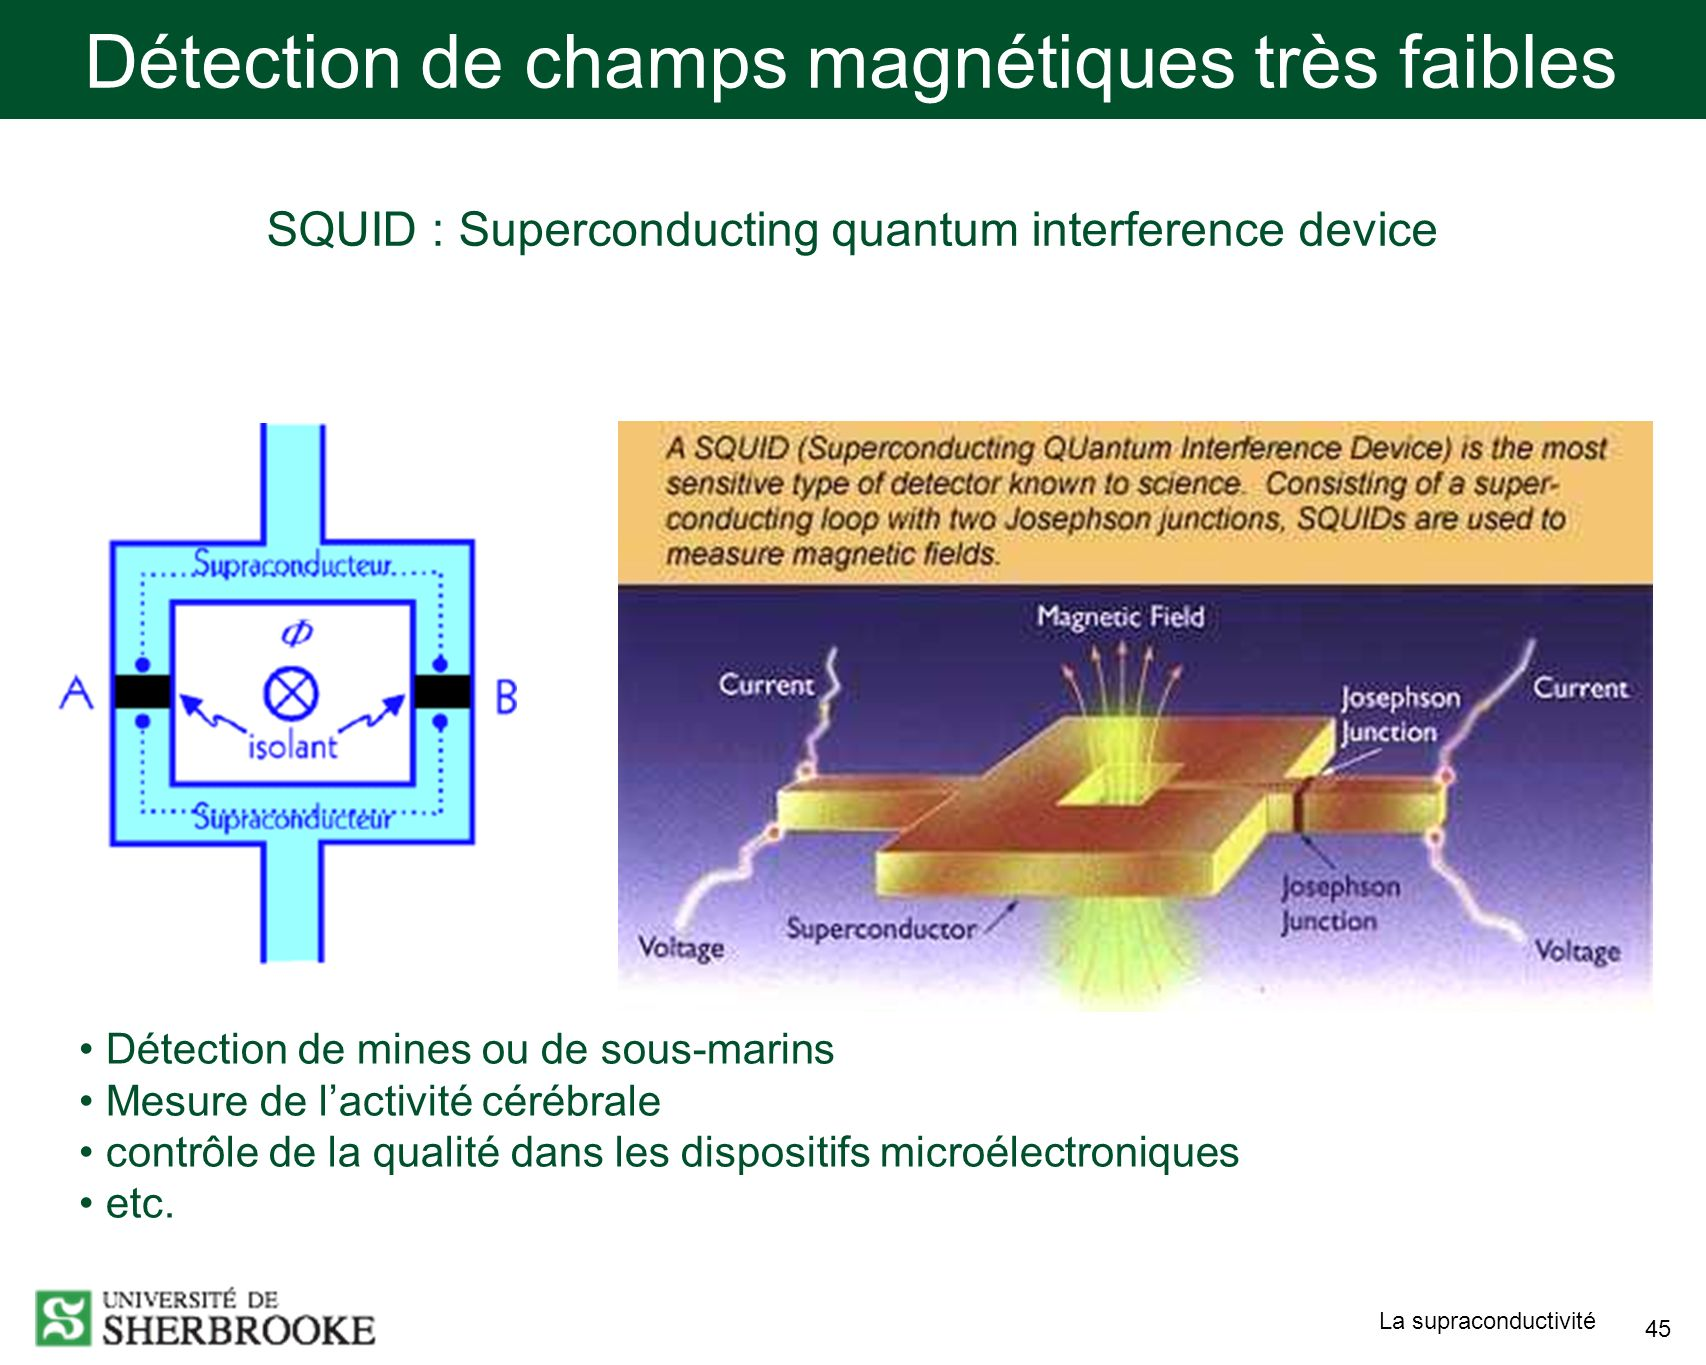 La supraconductivité 45 Détection de champs magnétiques très faibles SQUID : Superconducting quantum interference device Détection de mines ou de sous-marins Mesure de lactivité cérébrale contrôle de la qualité dans les dispositifs microélectroniques etc.